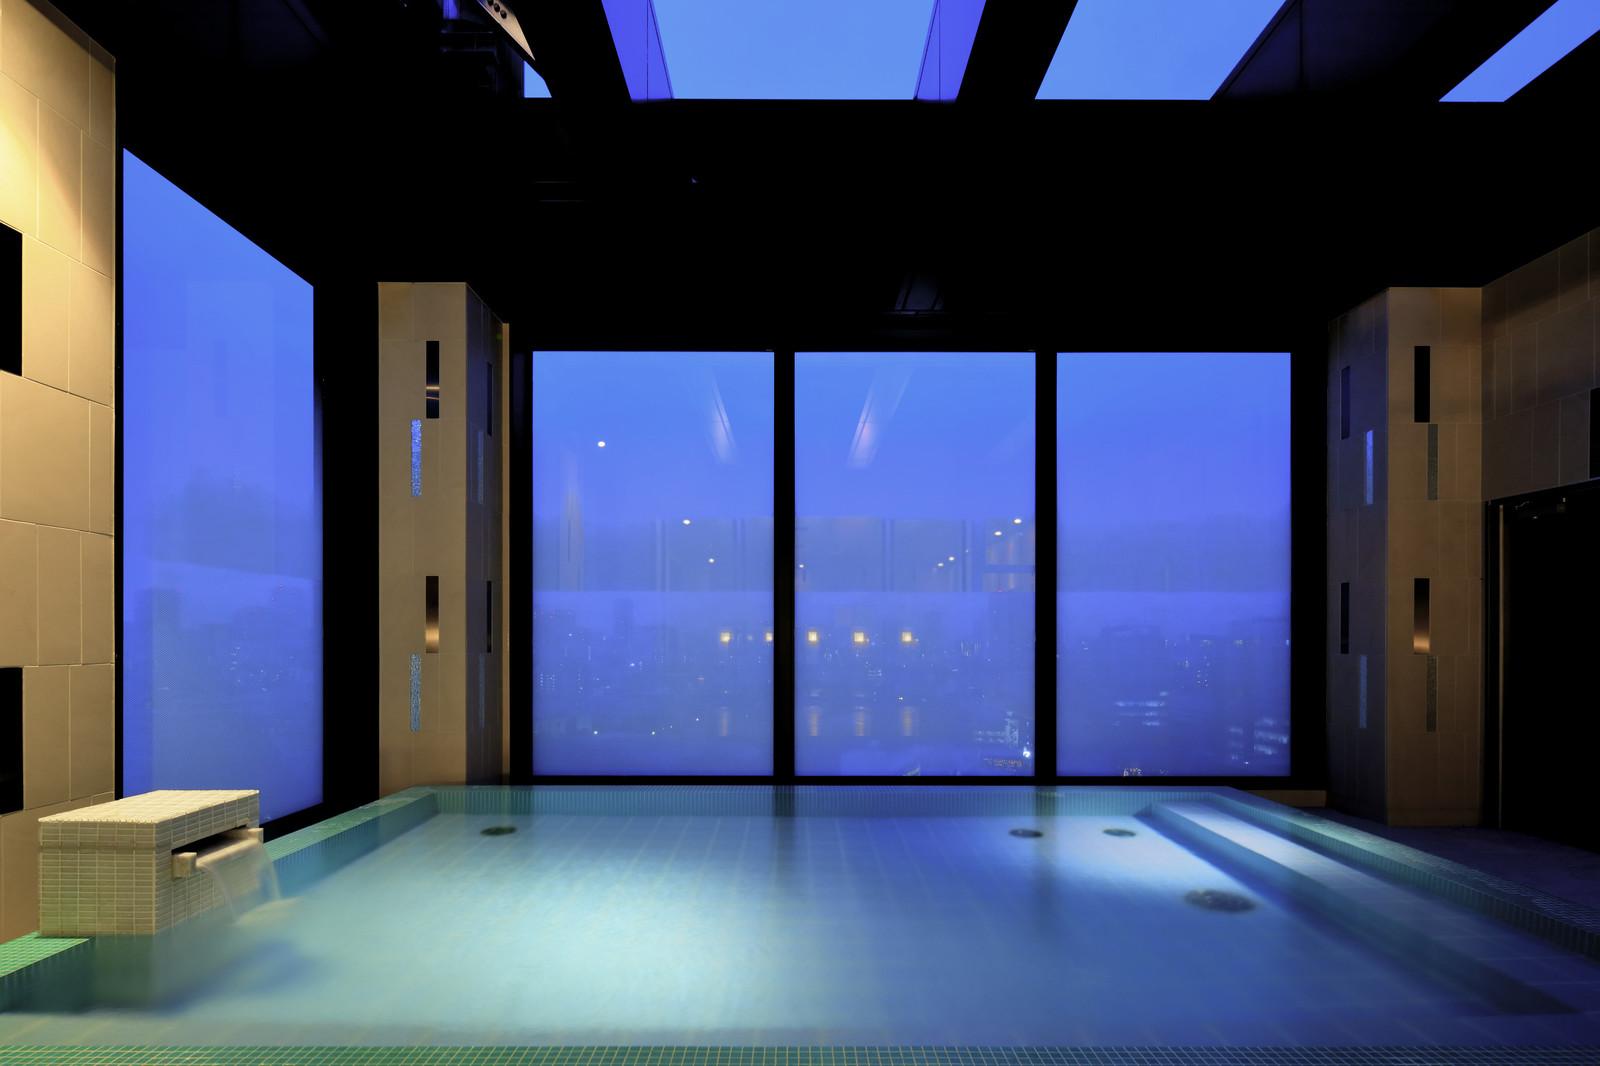 カンデオホテルズ東京六本木 / 最上階のスカイスパを堪能しながら、洗練の空間でゆったりくつろぐ 旅